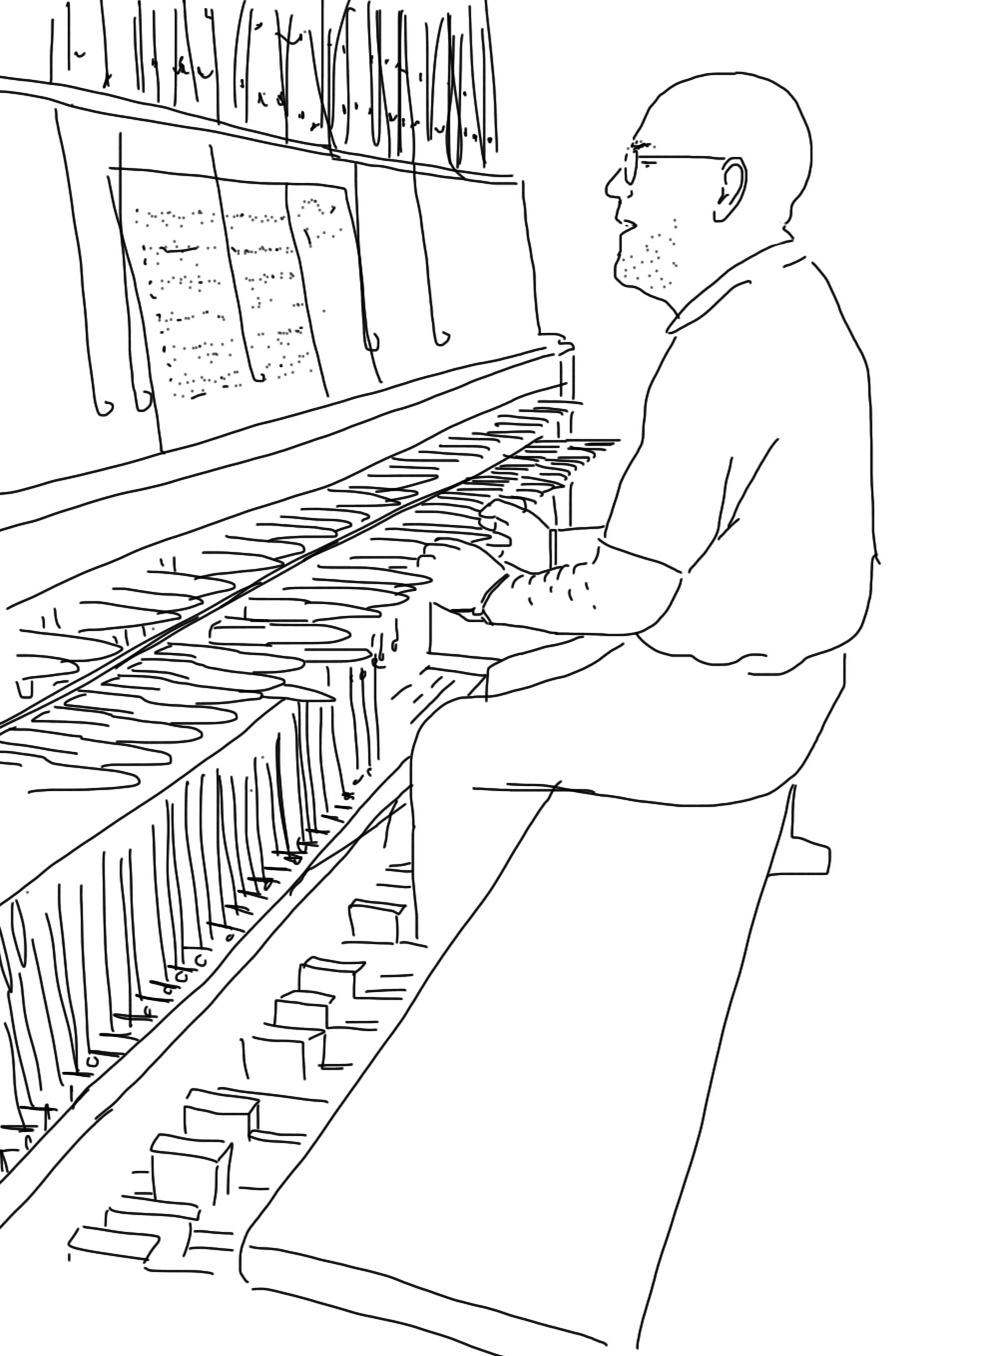 Carillonneur in Berlin Tiergarten